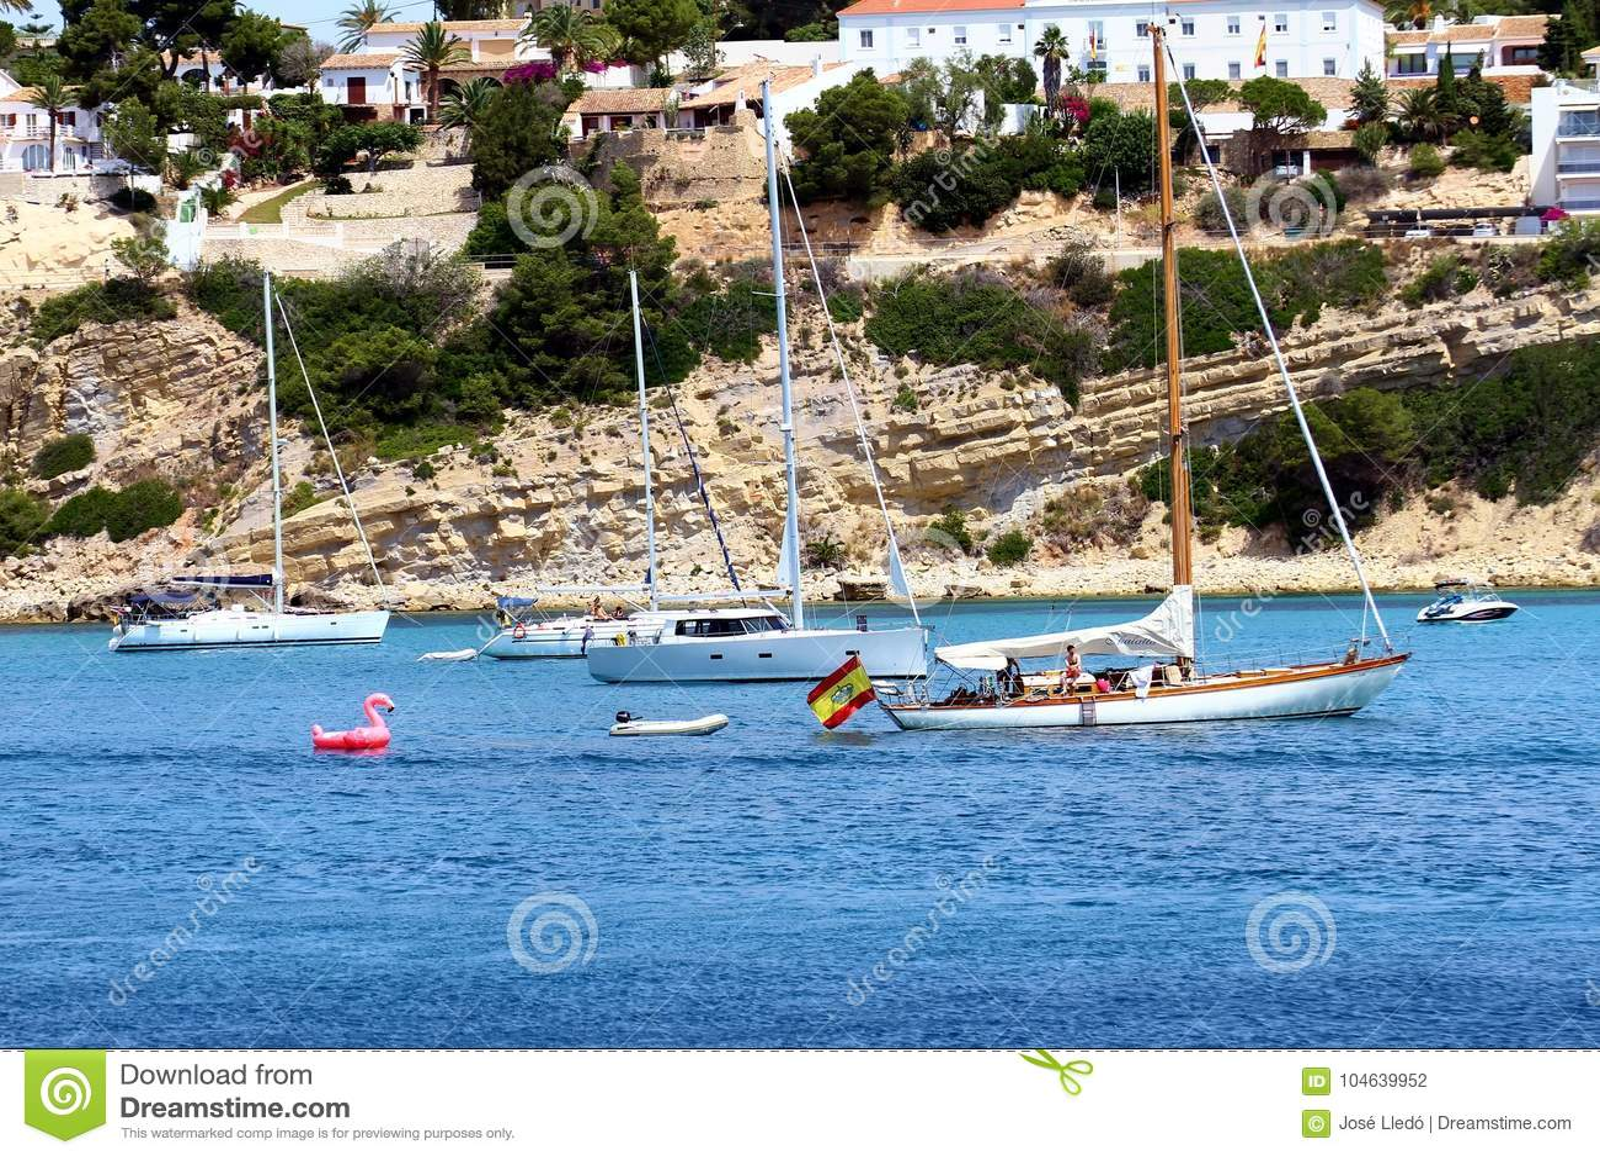 Download Toeristische Kust Van Moraira Met Al Type Van Jachten En Zeilboten Redactionele Fotografie - Afbeelding bestaande uit klip, oceaan: 104639952